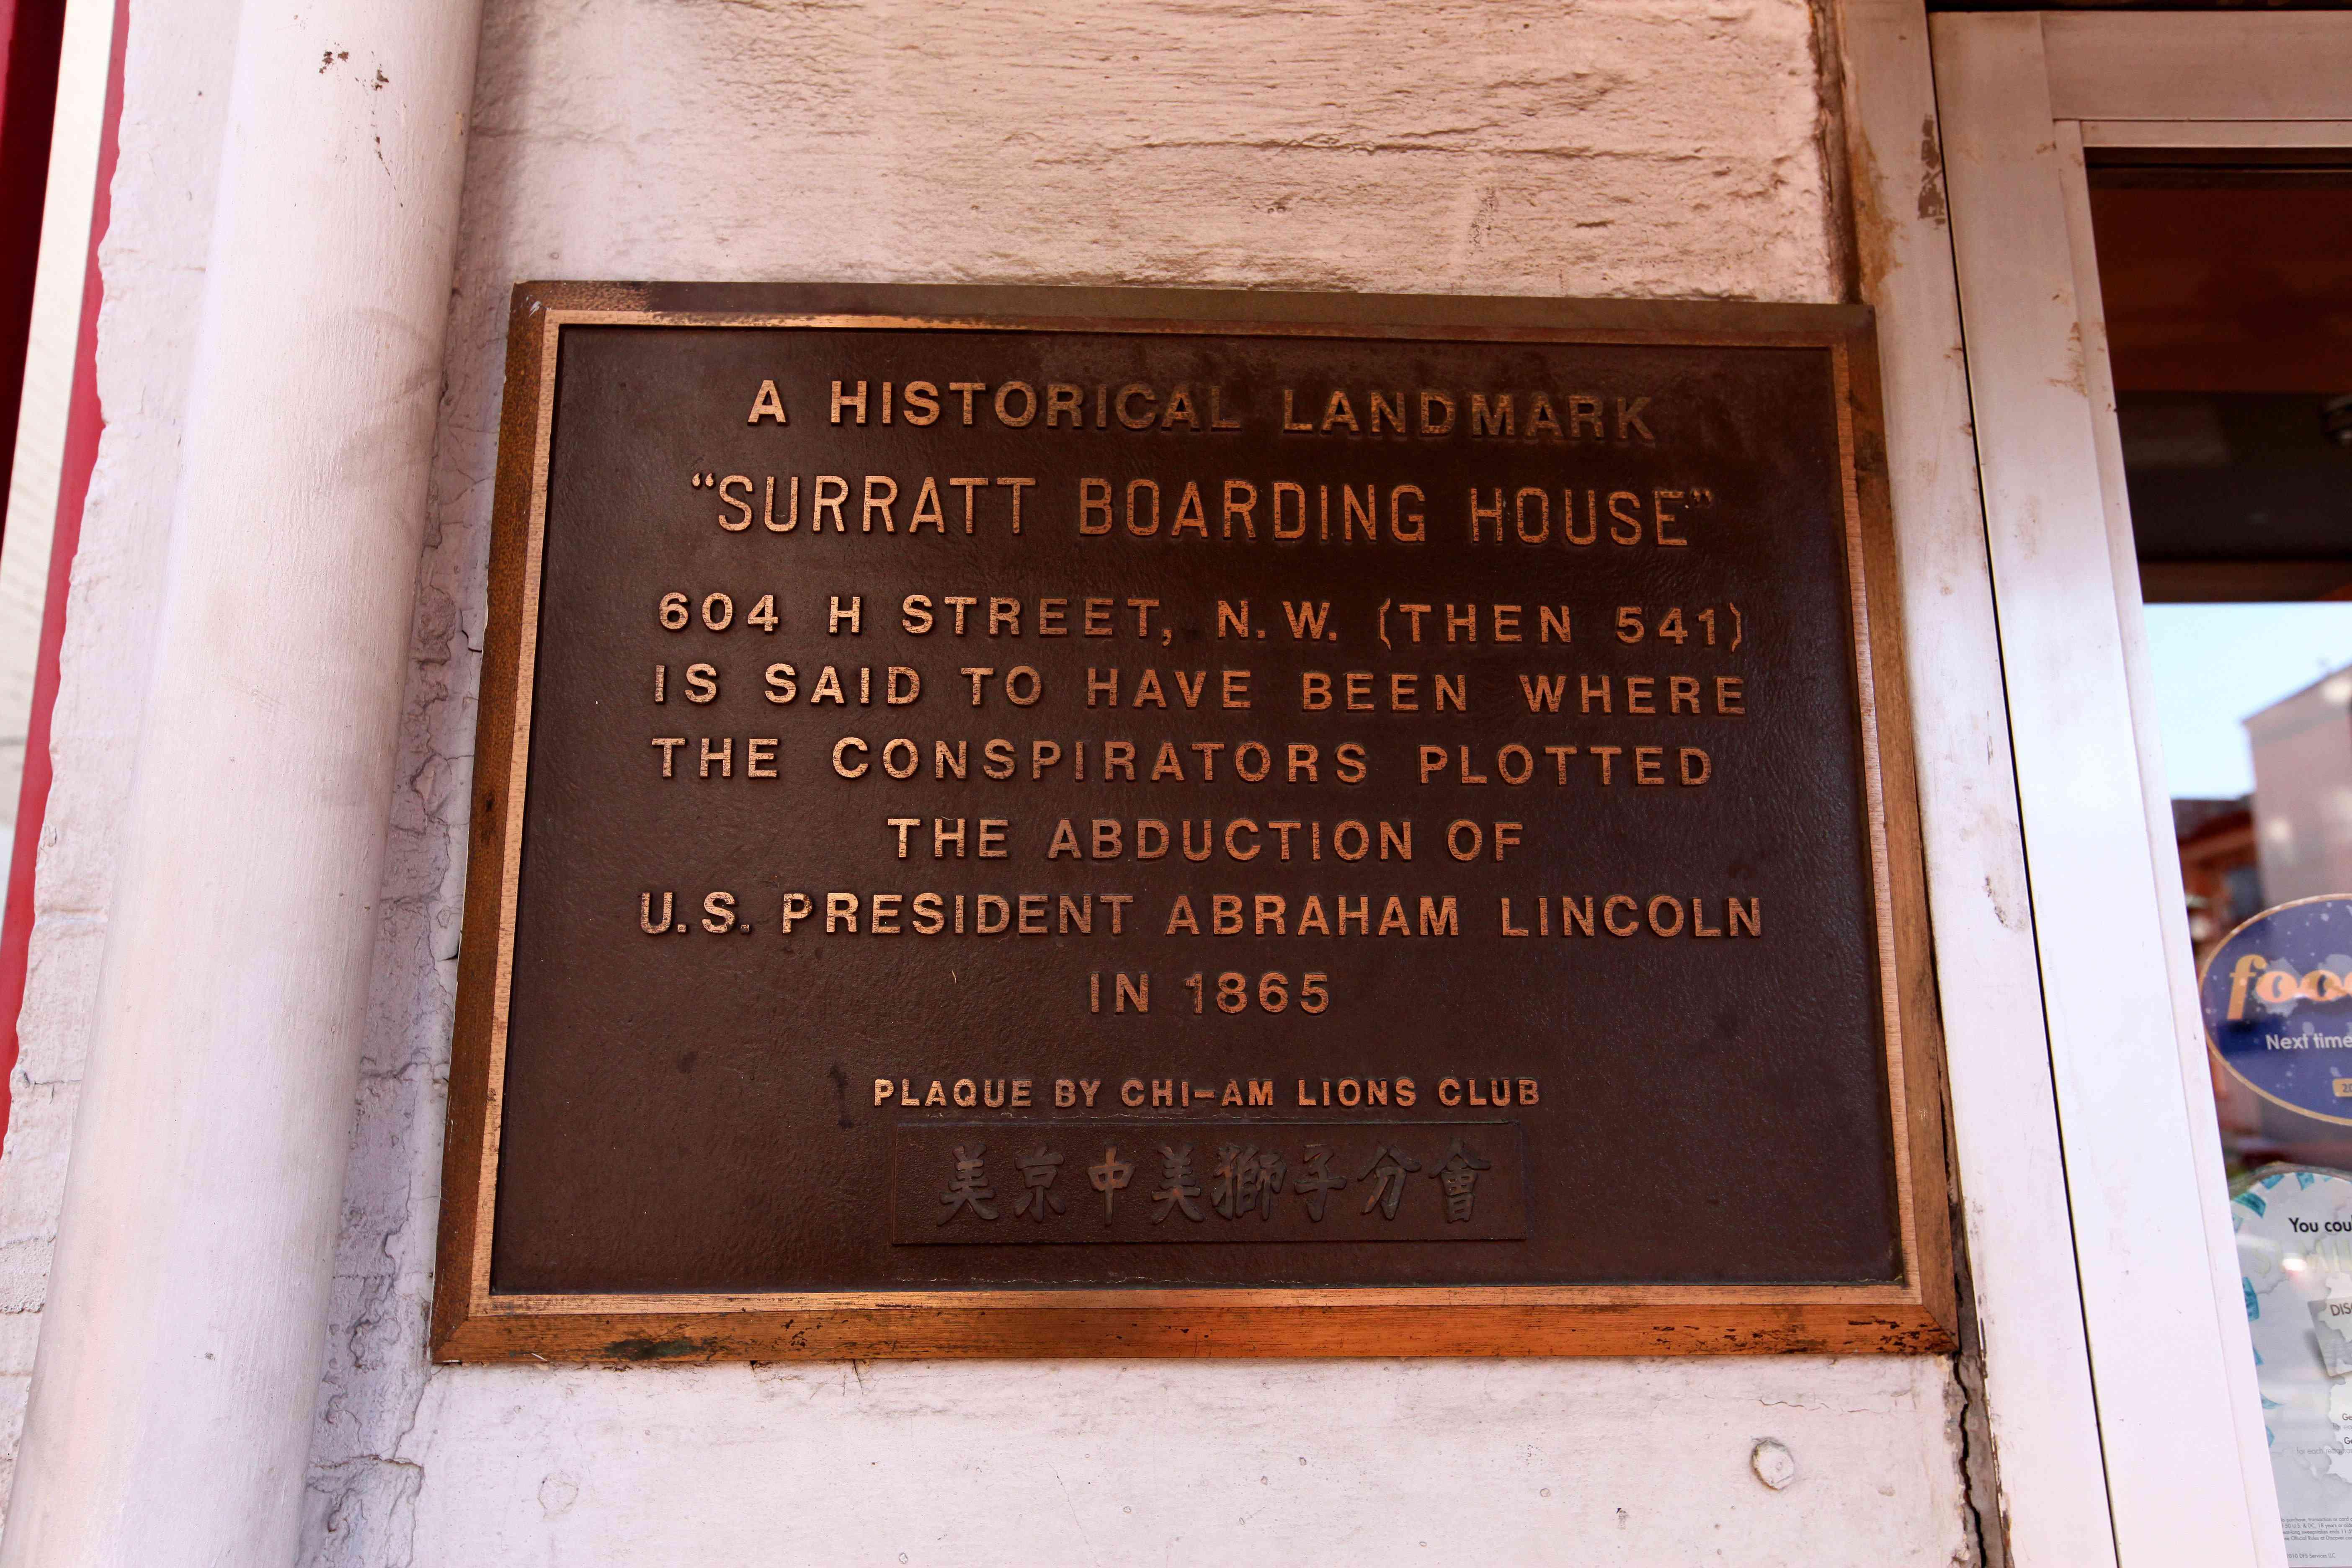 Plaque in front of Surratt House